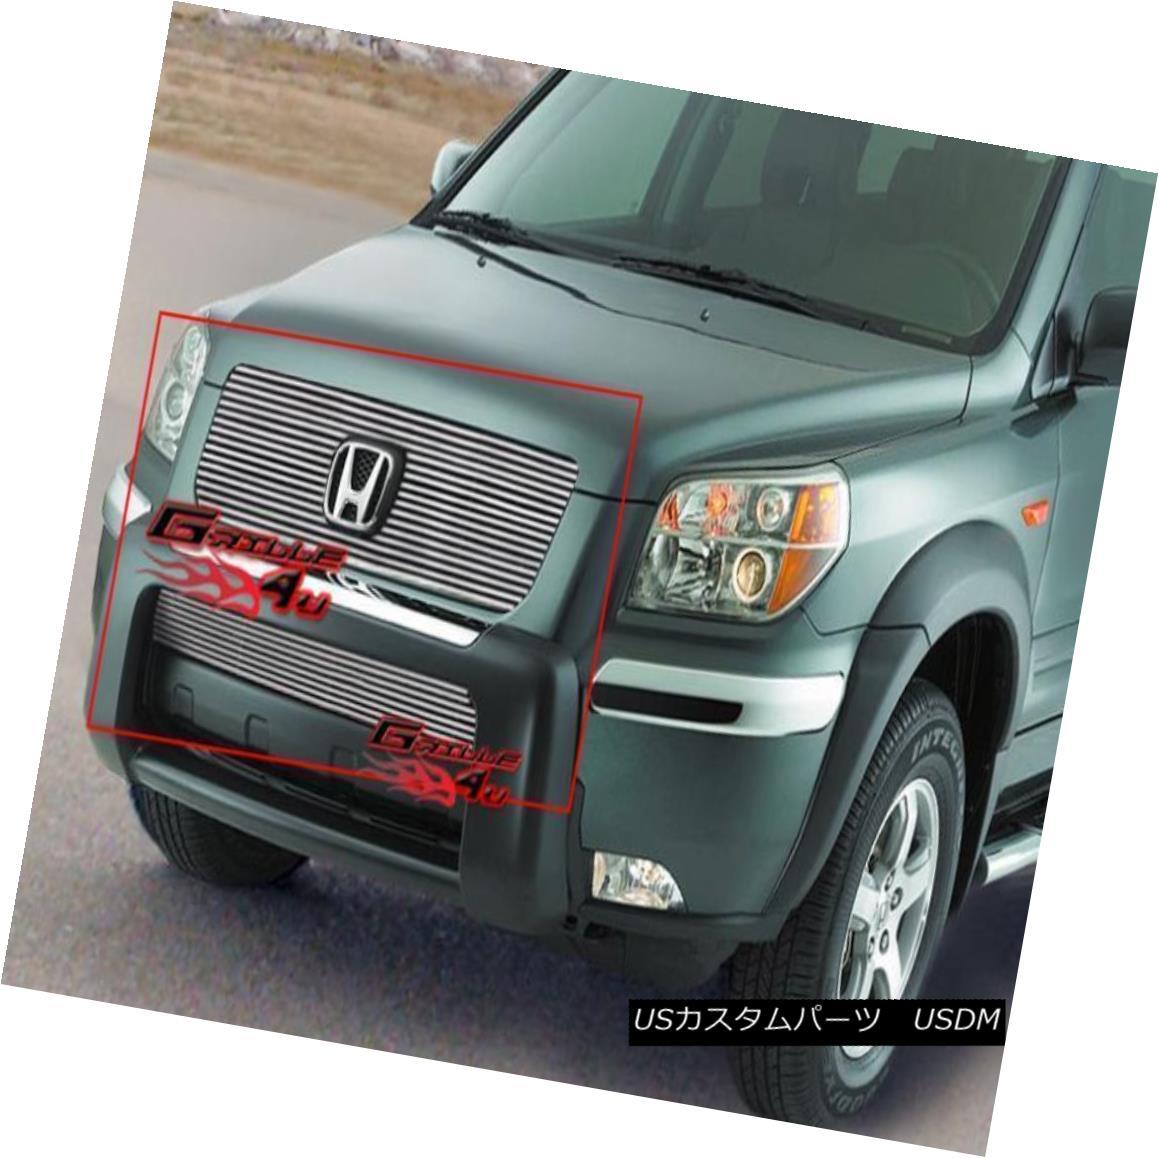 グリル Fits 2006-2008 Honda Pilot Billet Grille Combo 2006?2008年のホンダパイロットビレットグリルコンボに適合